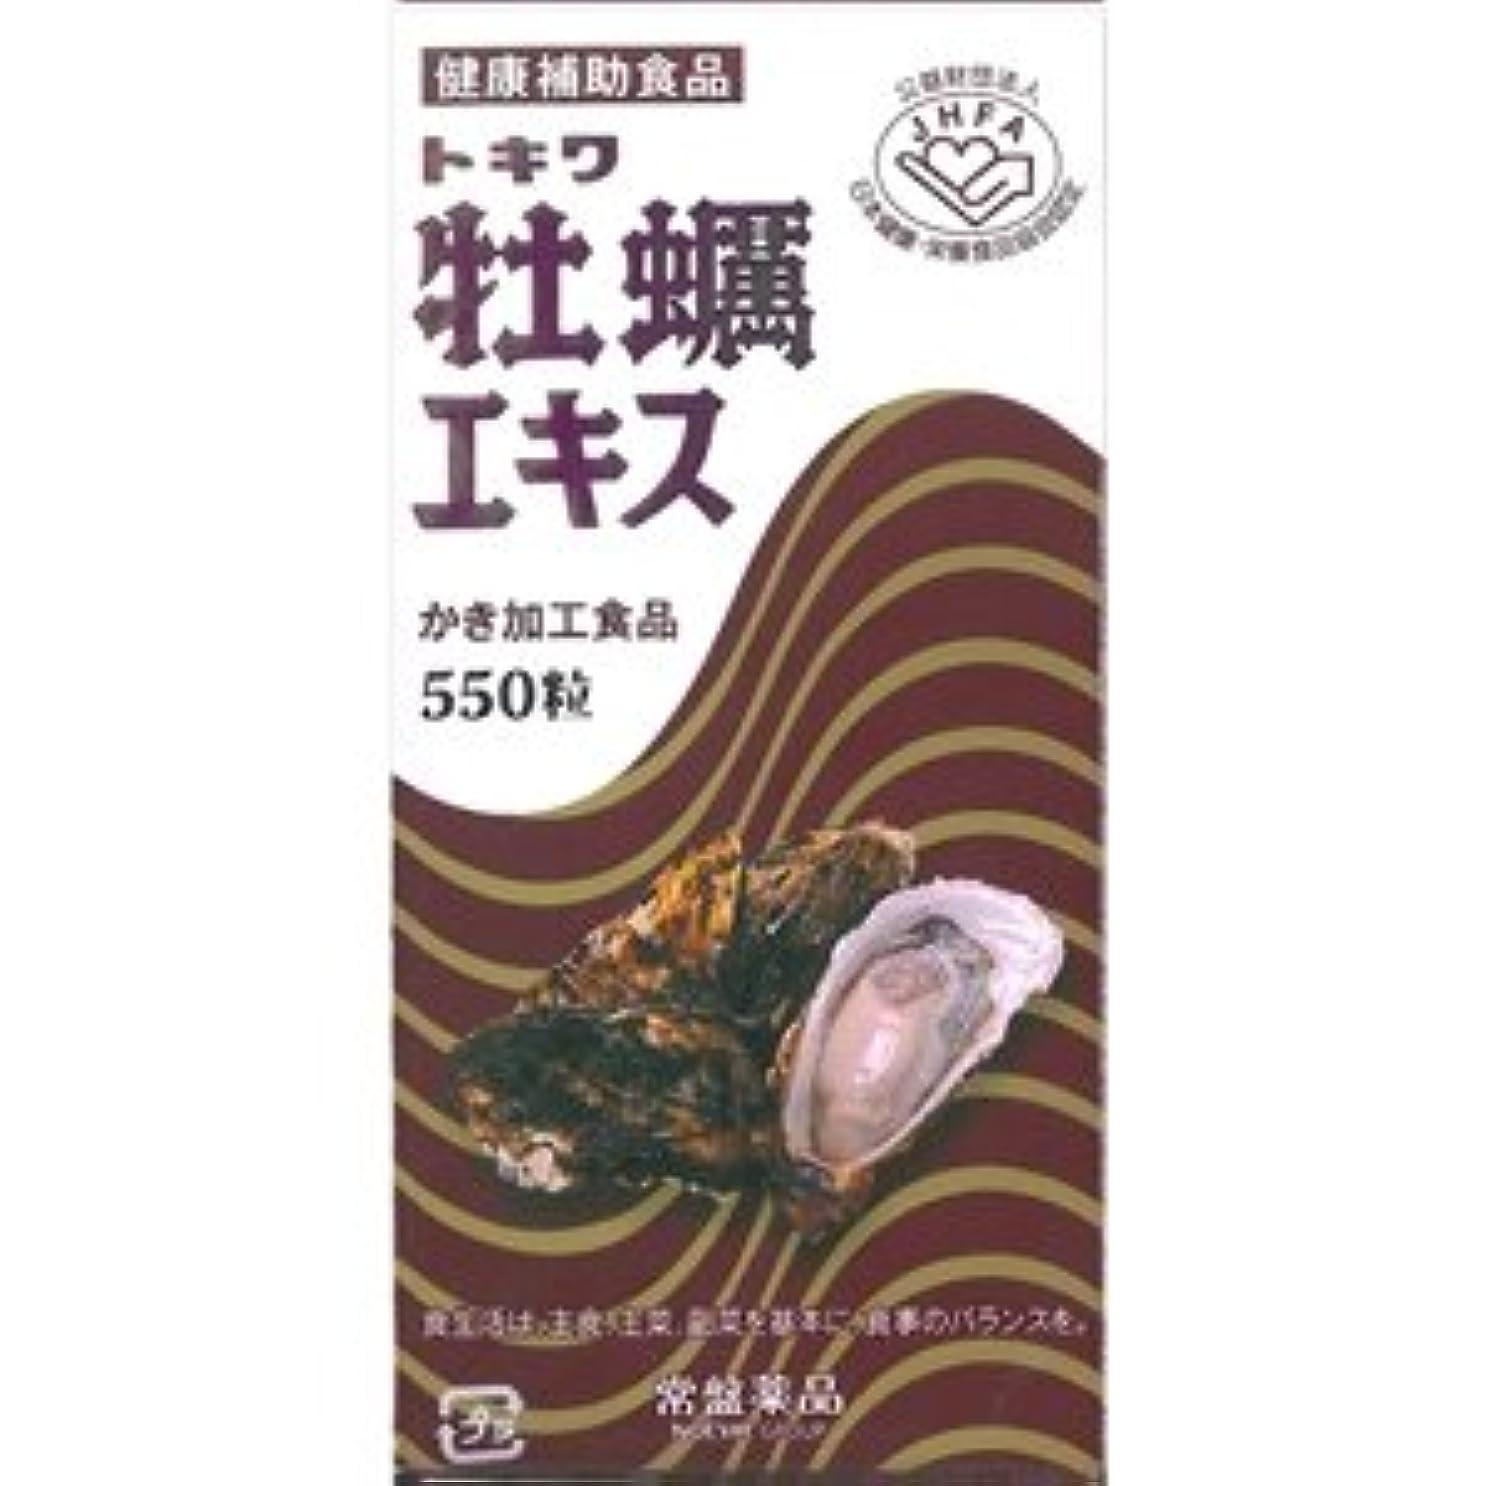 コンパクトり通路トキワ牡蠣エキス カキエキス550粒 3個常盤薬品 ノエビアグループ